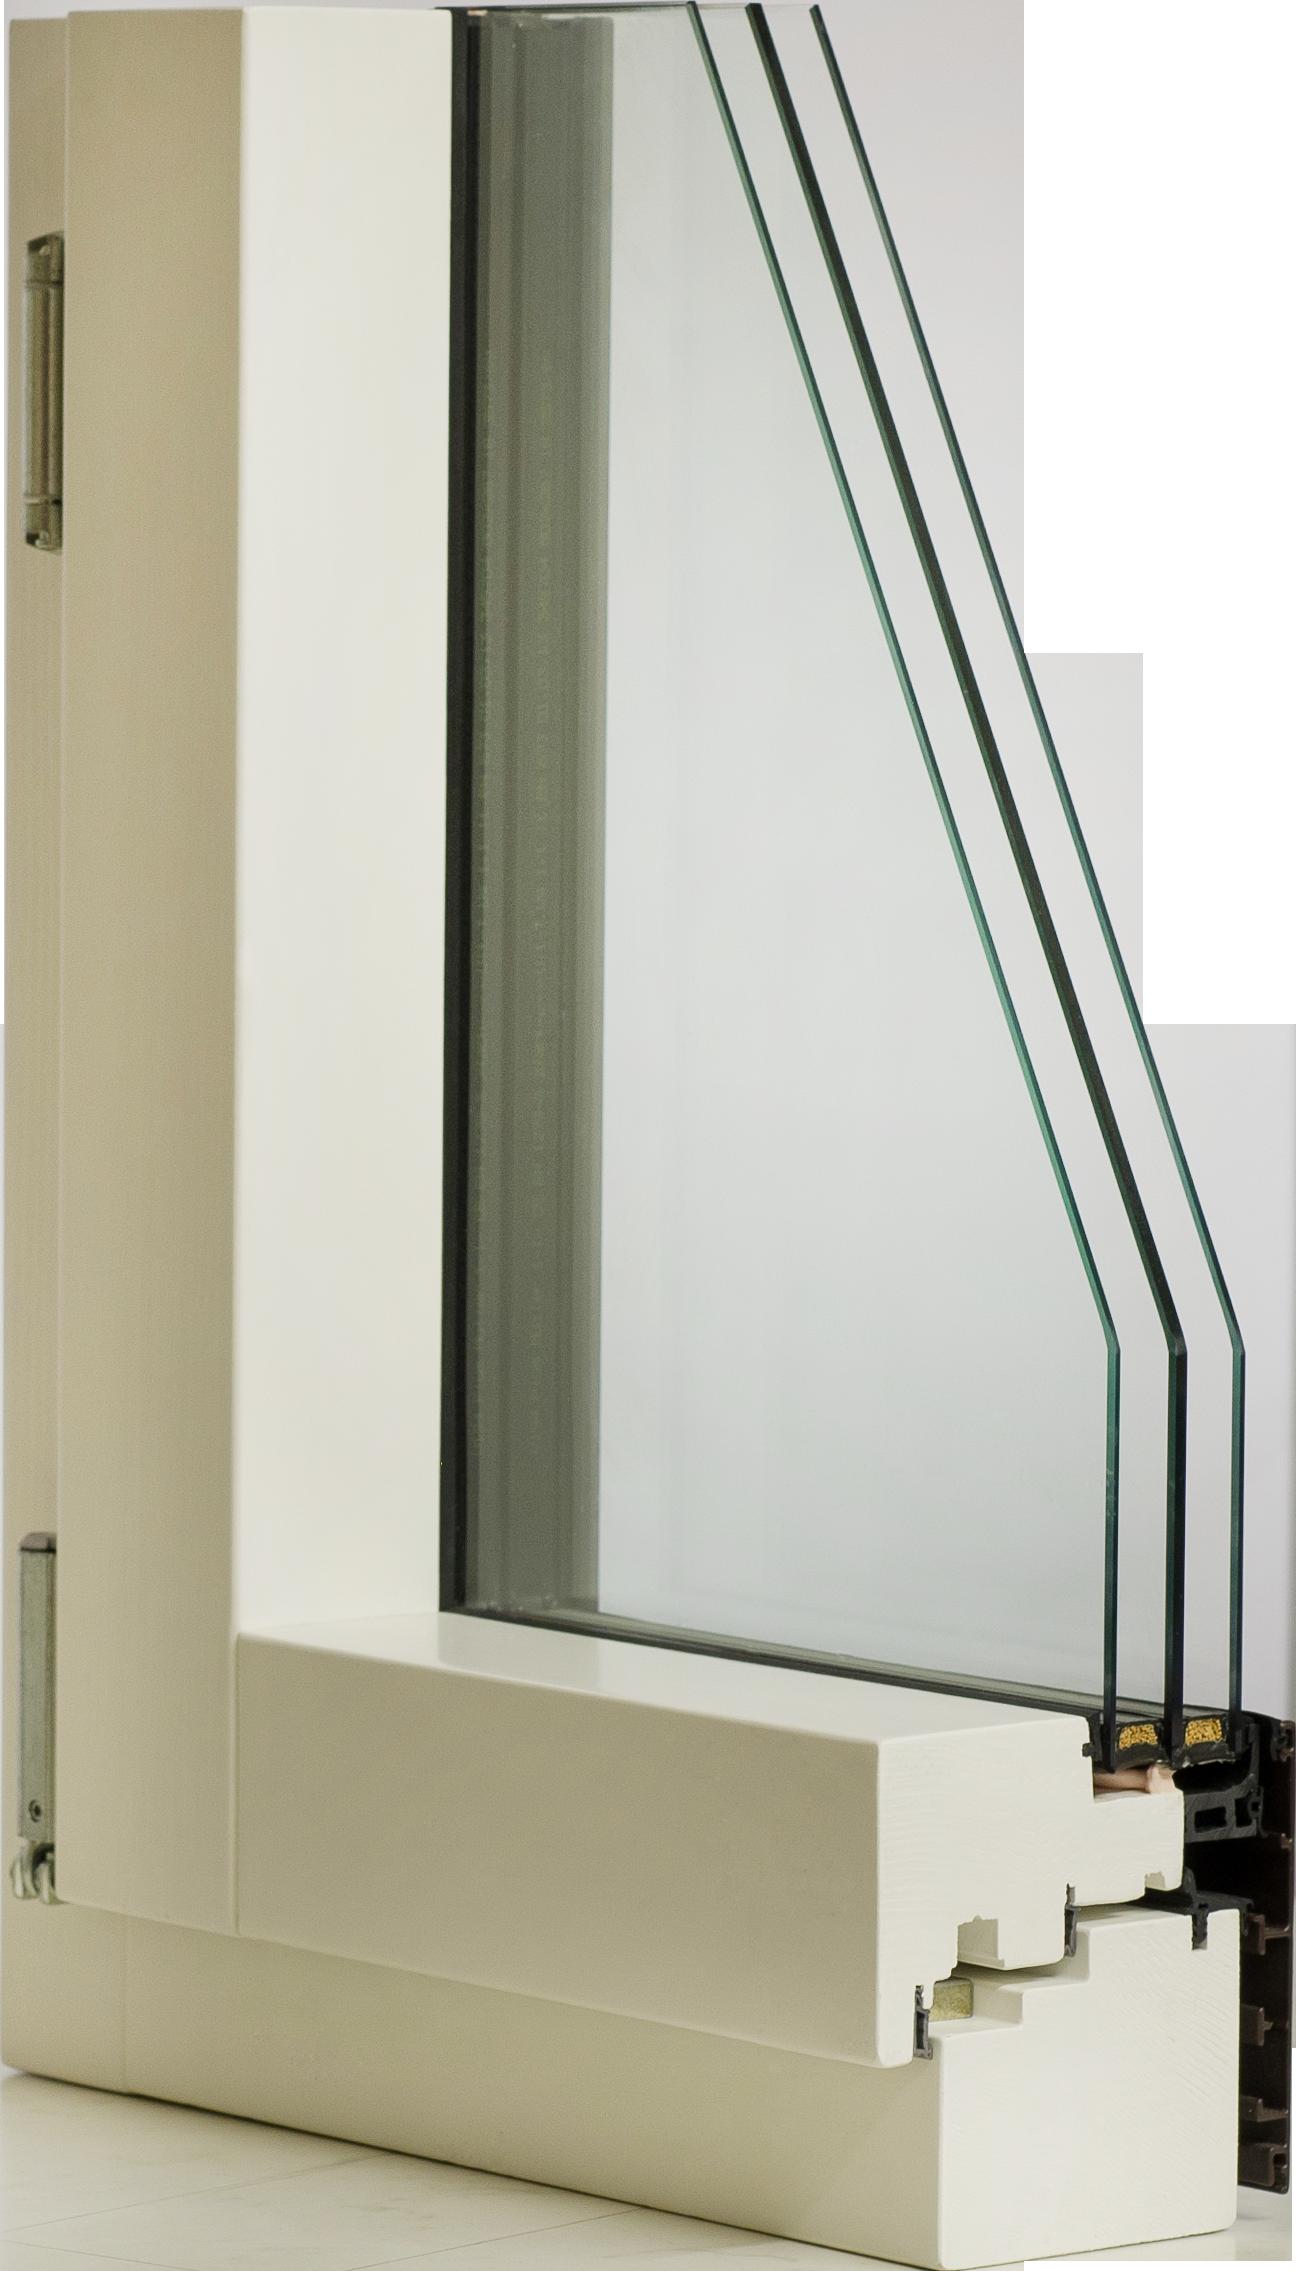 Full Size of Fenster Holz Alu Mit 3 Fach Verglasung Ohne Rahmen Aco Marken Schüco Online Standardmaße Einbruchschutz Nachrüsten Esstisch Massivholz Ausziehbar Fenster Fenster Holz Alu